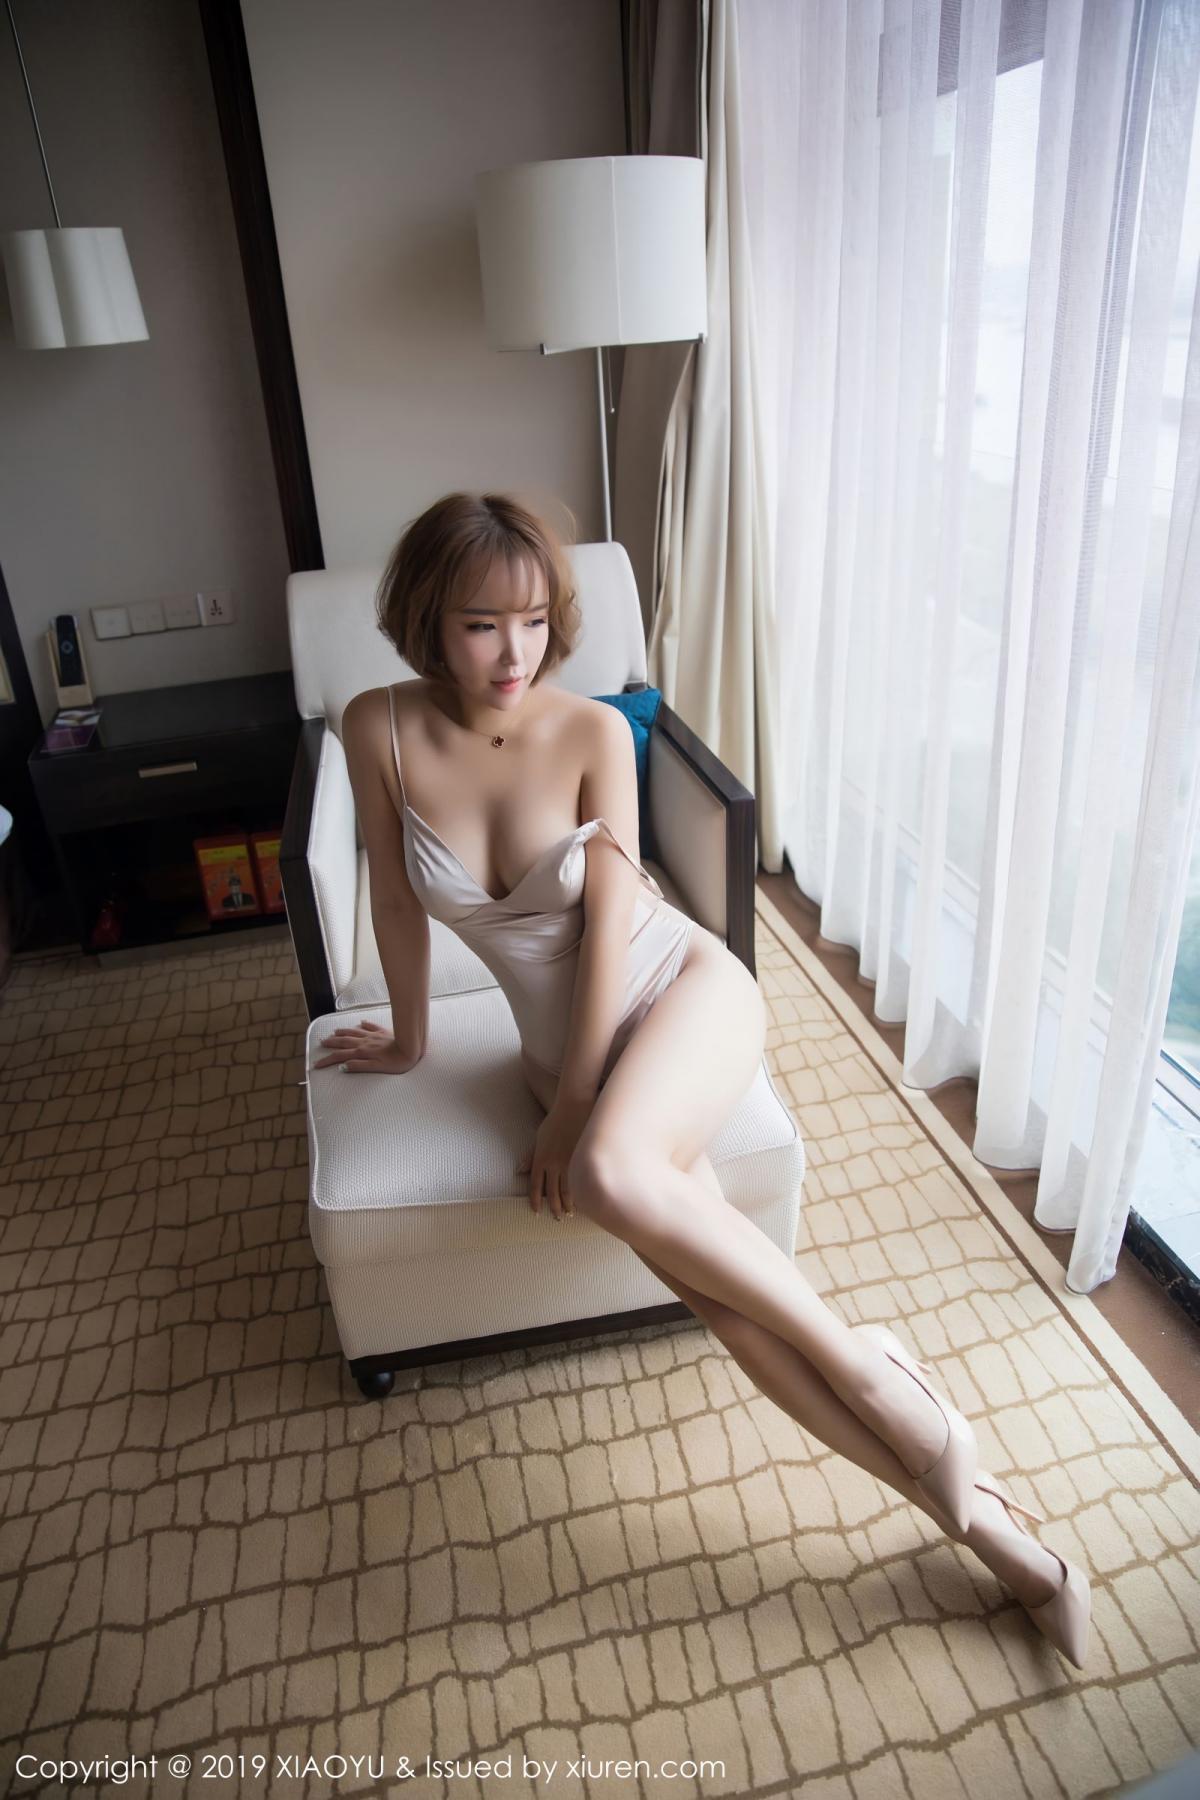 [XiaoYu] Vol.015 Chen Ya Wen 11P, Chen Ya Wen, Sexy, XiaoYu